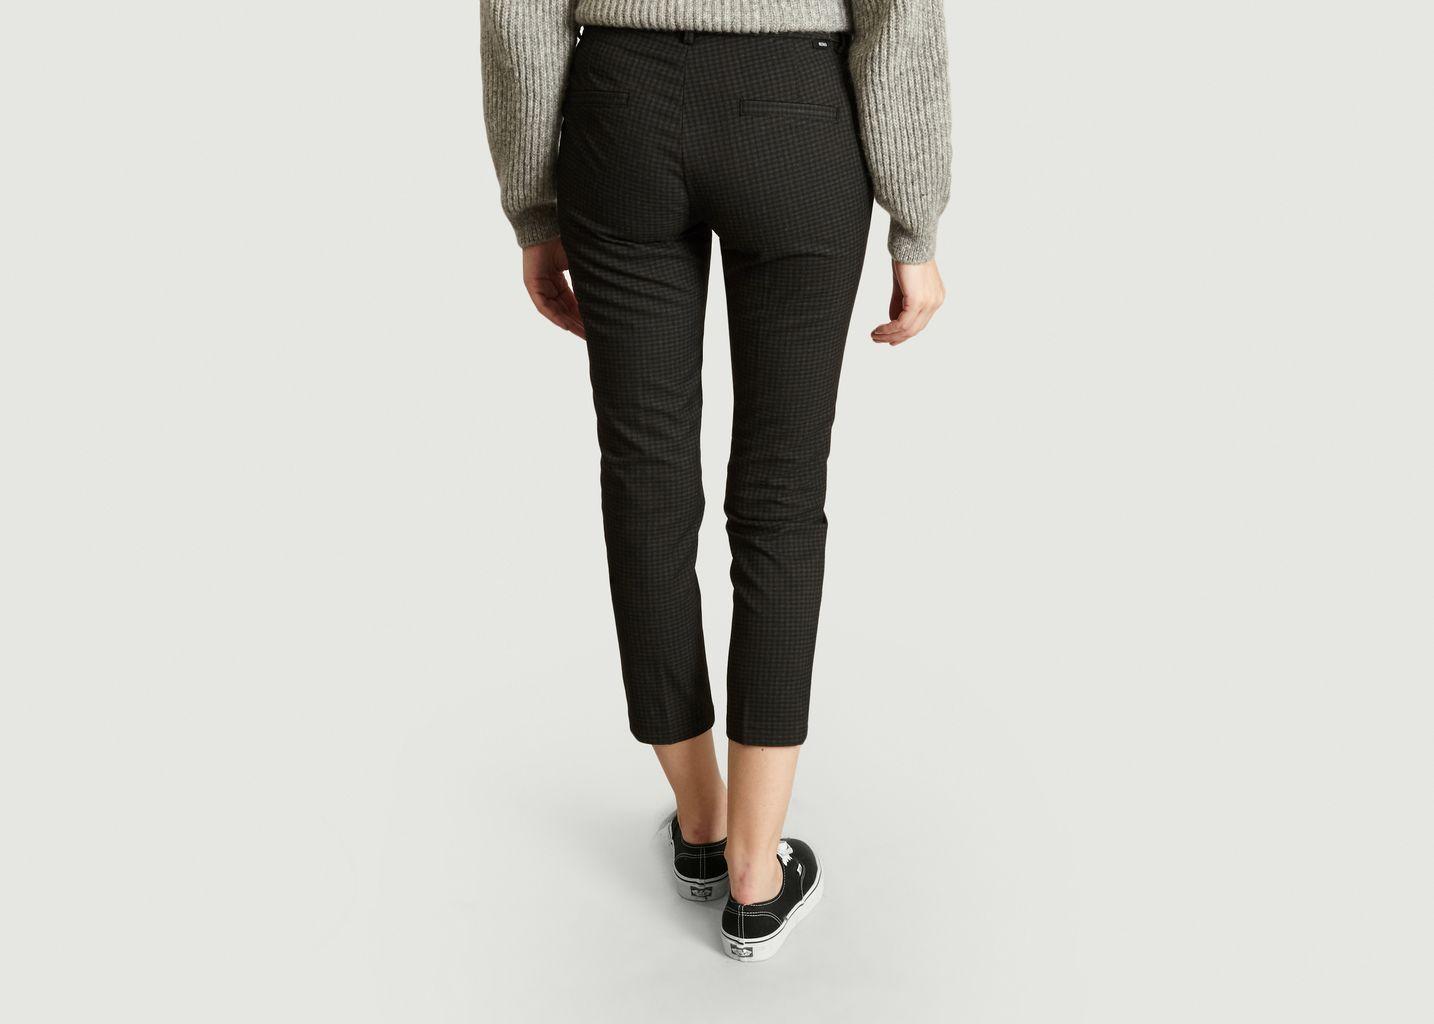 Pantalon Lizzy Fancy Ribbon - Reiko